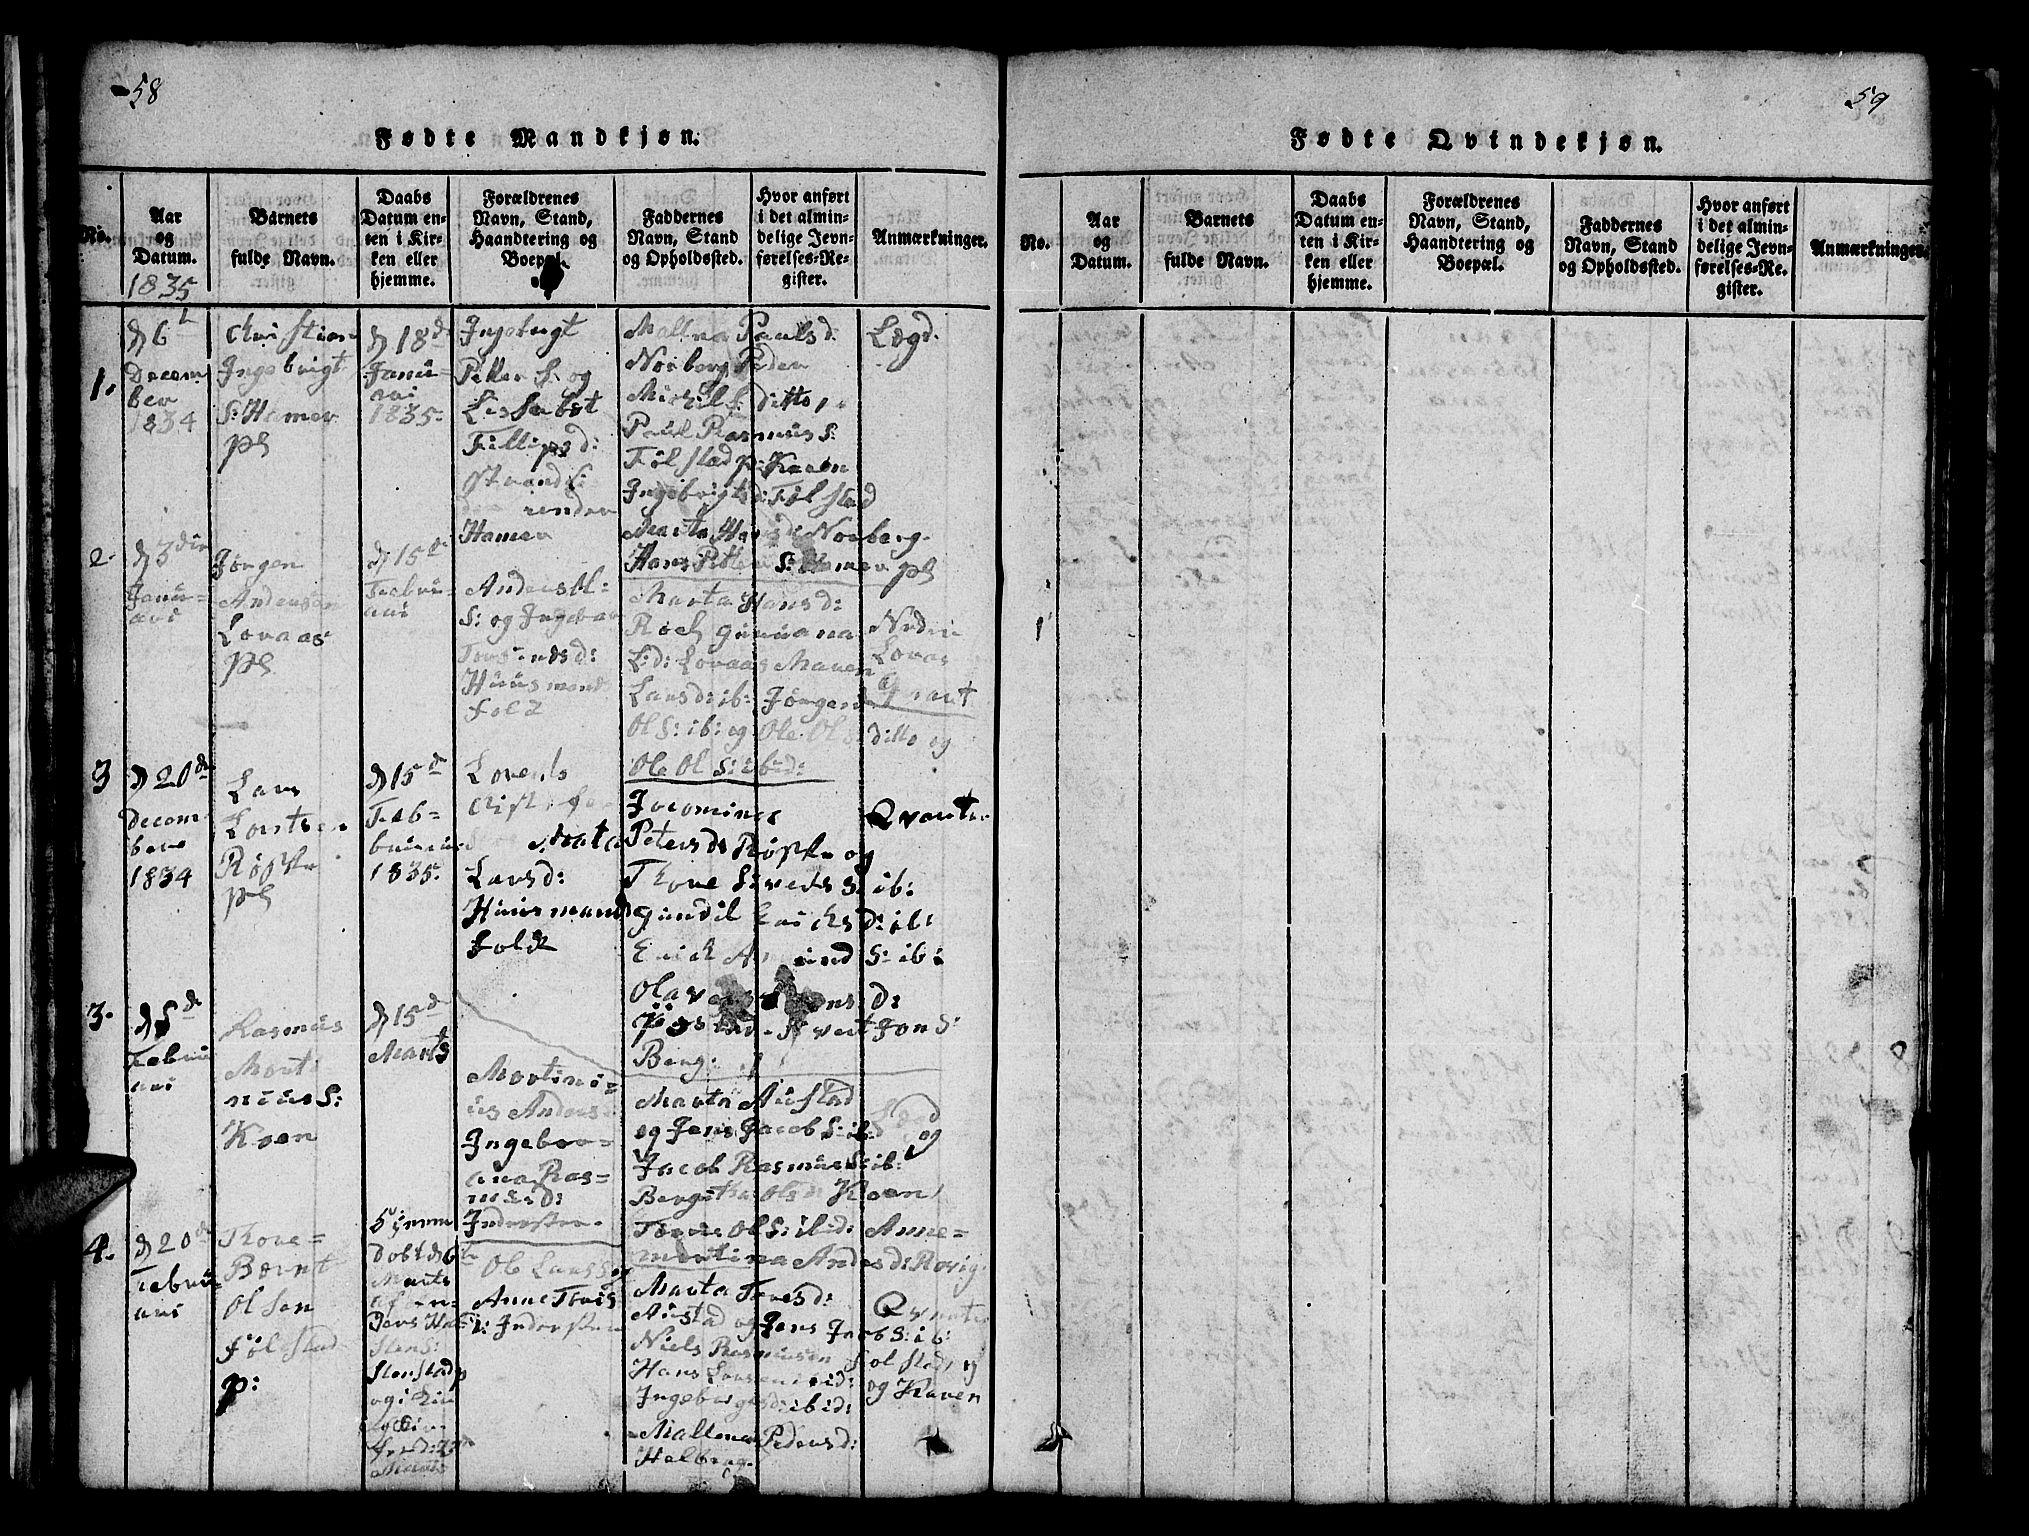 SAT, Ministerialprotokoller, klokkerbøker og fødselsregistre - Nord-Trøndelag, 731/L0310: Klokkerbok nr. 731C01, 1816-1874, s. 58-59